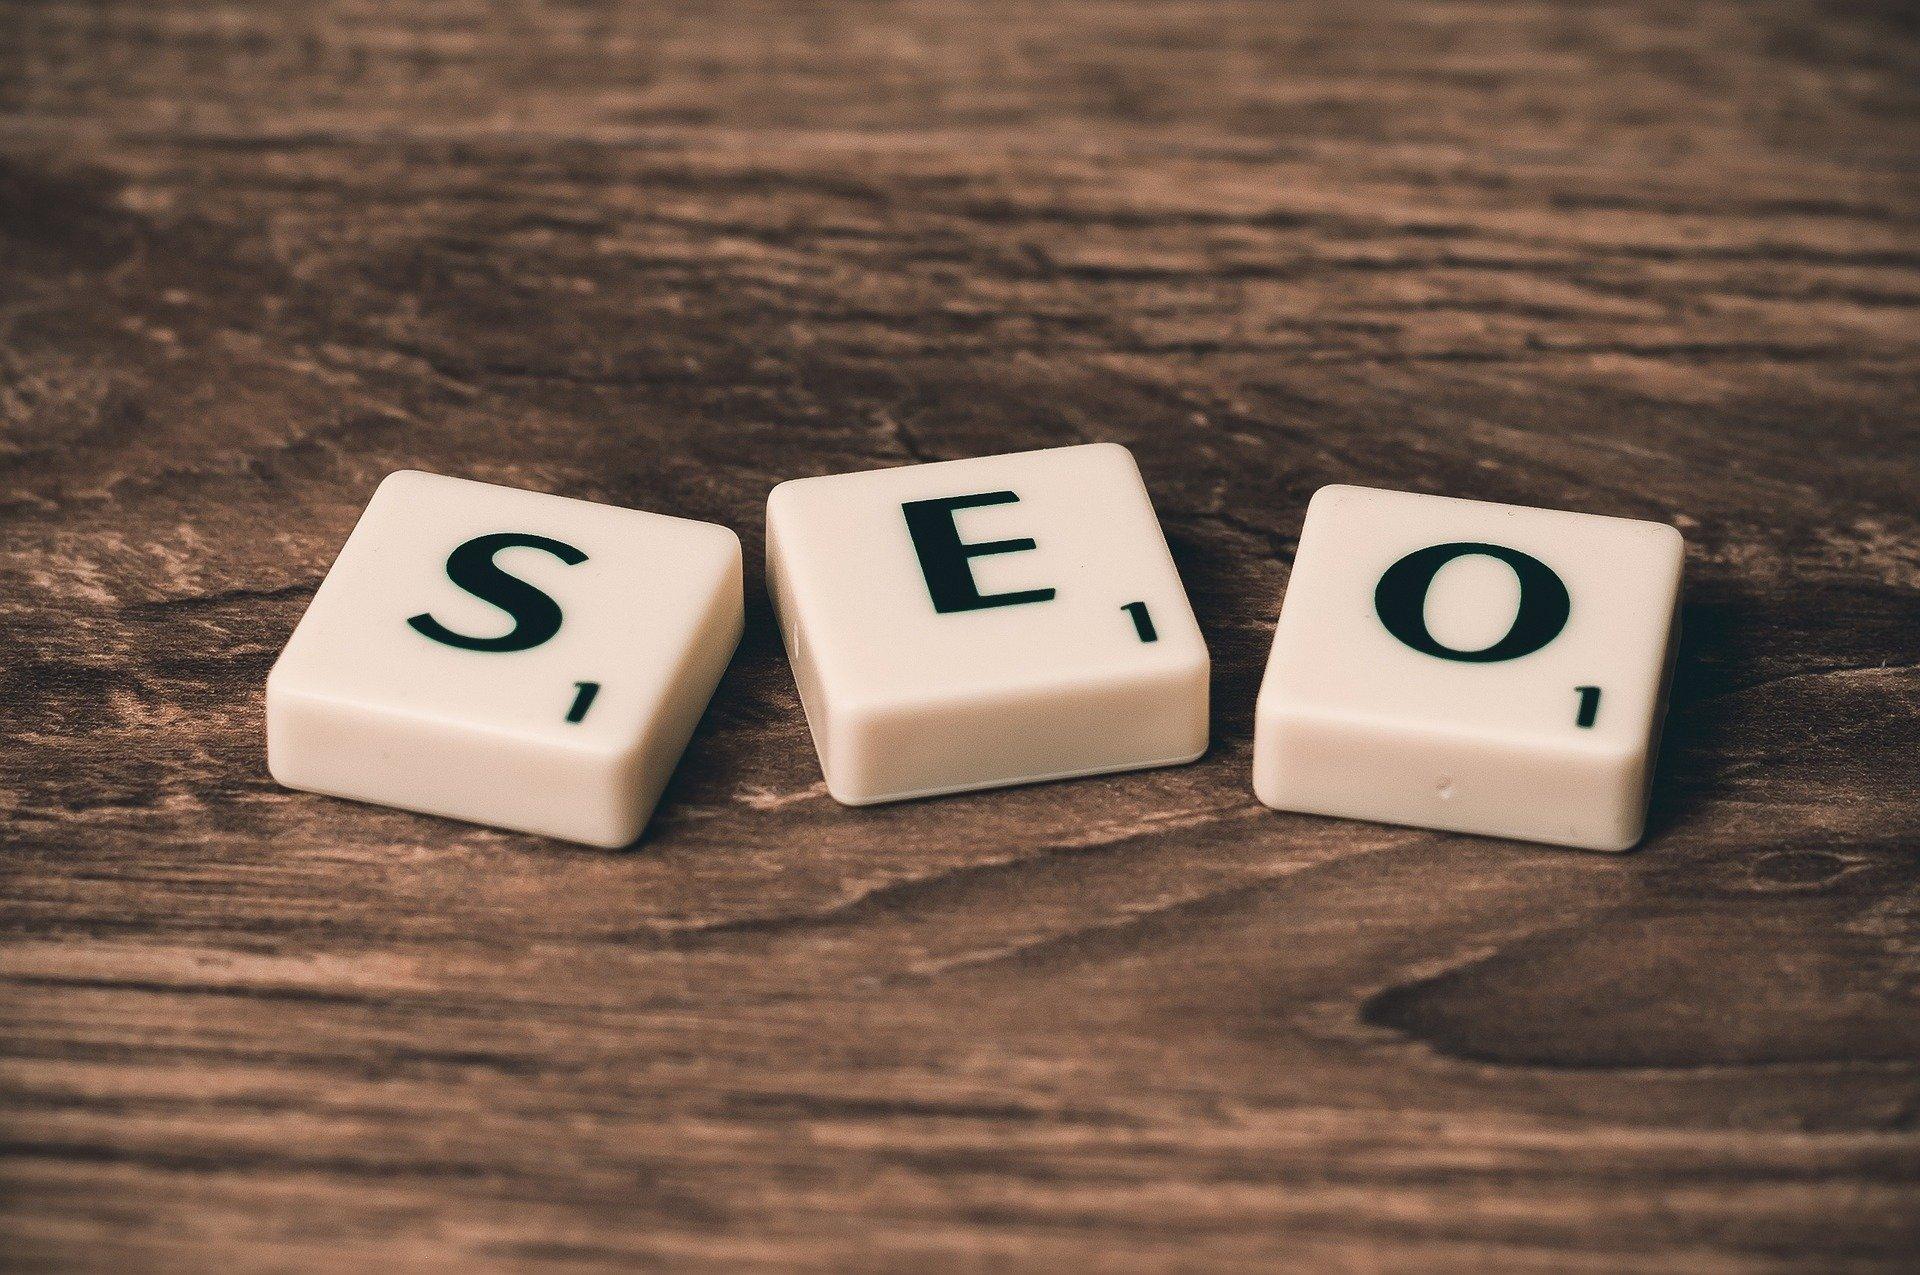 Le marketing numérique - Optimisation du moteur de recherche